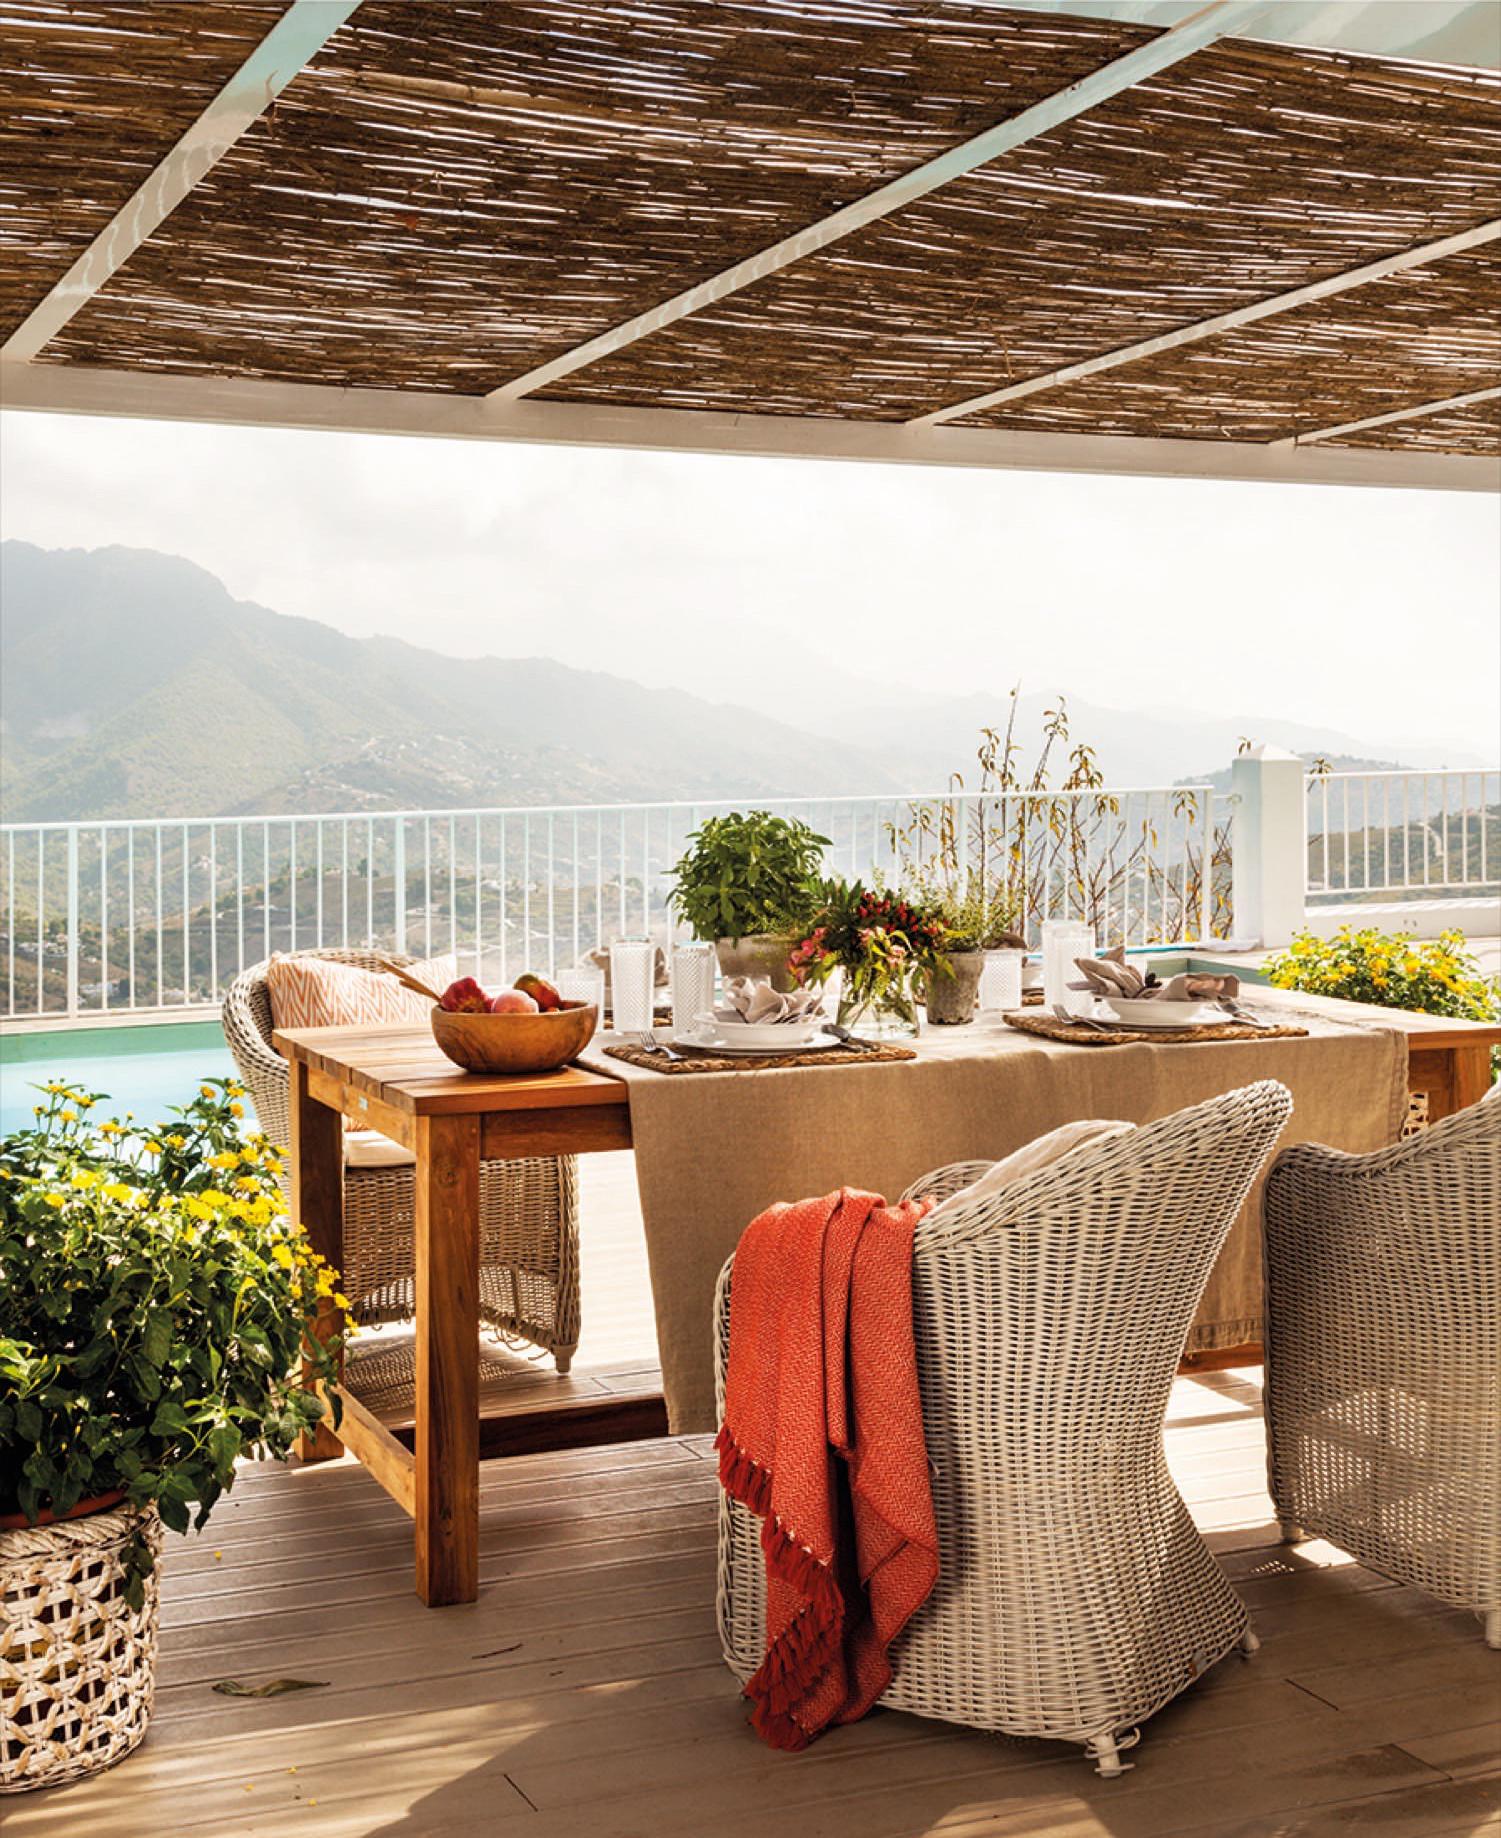 Los Mejores Muebles De Terraza Y Jard N De El Mueble # Muebles Relax Exterior